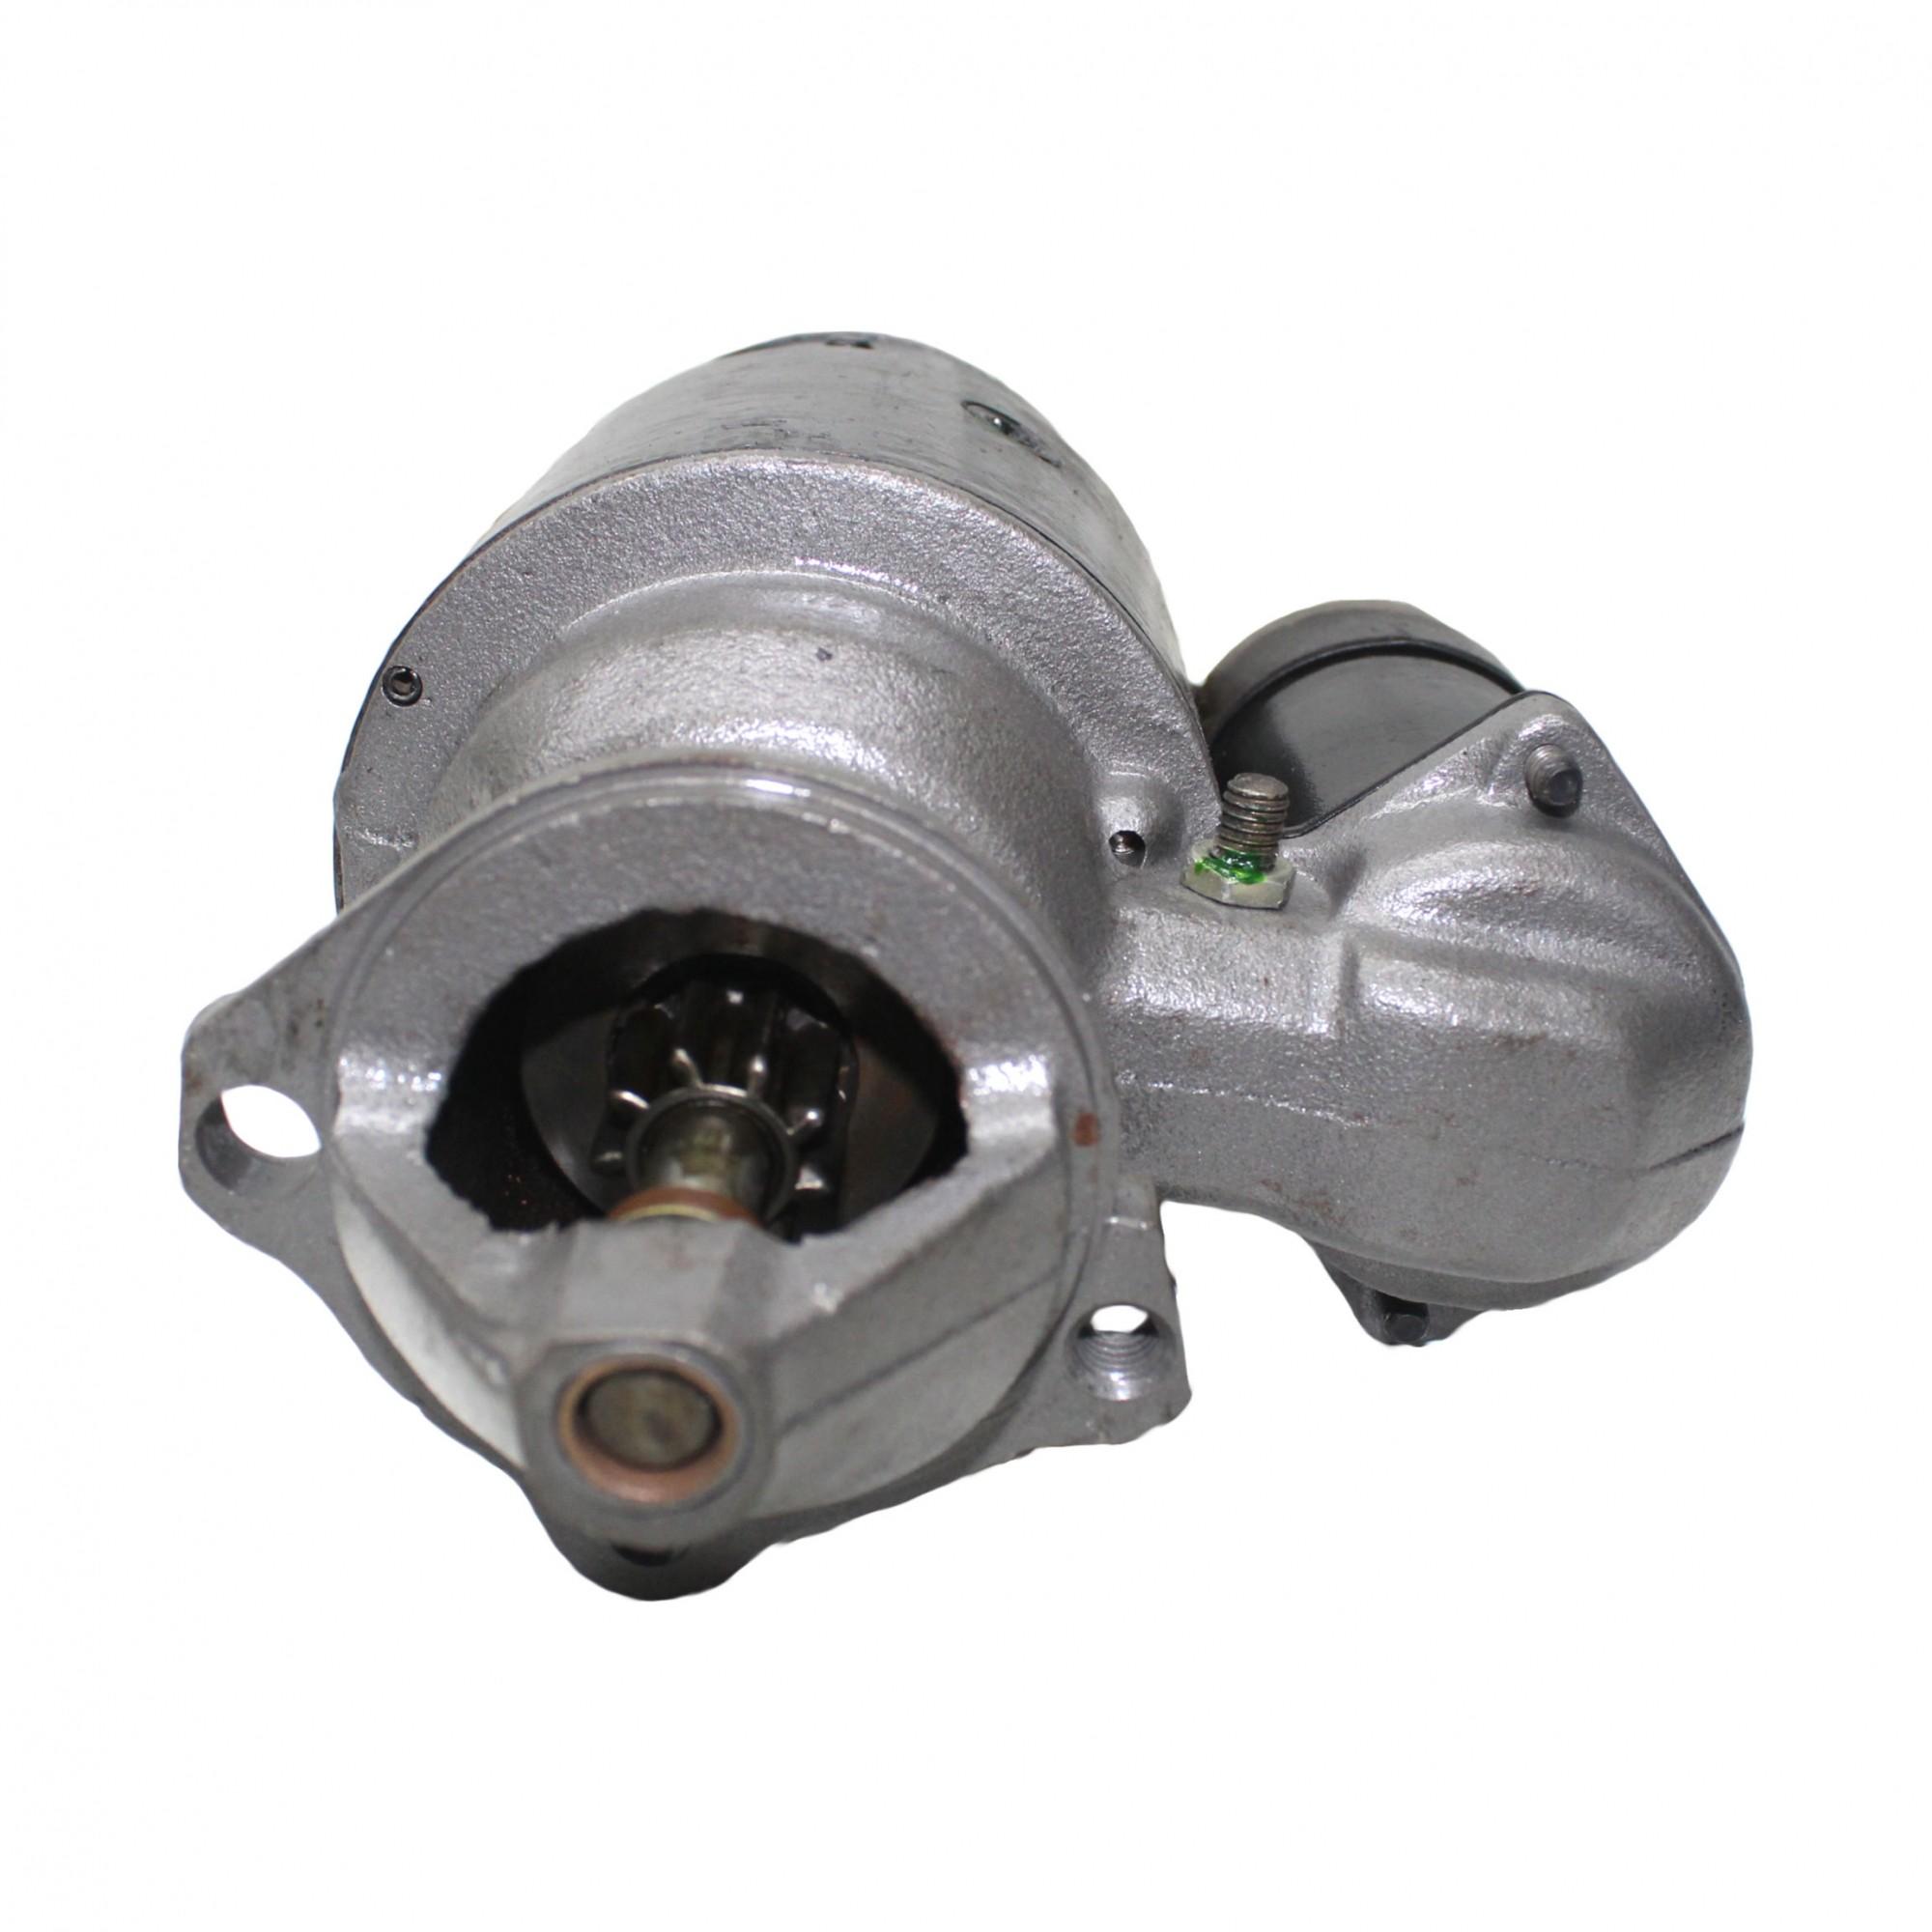 Motor de Arranque Partida Chevrolet C10, A10, C20 1108481